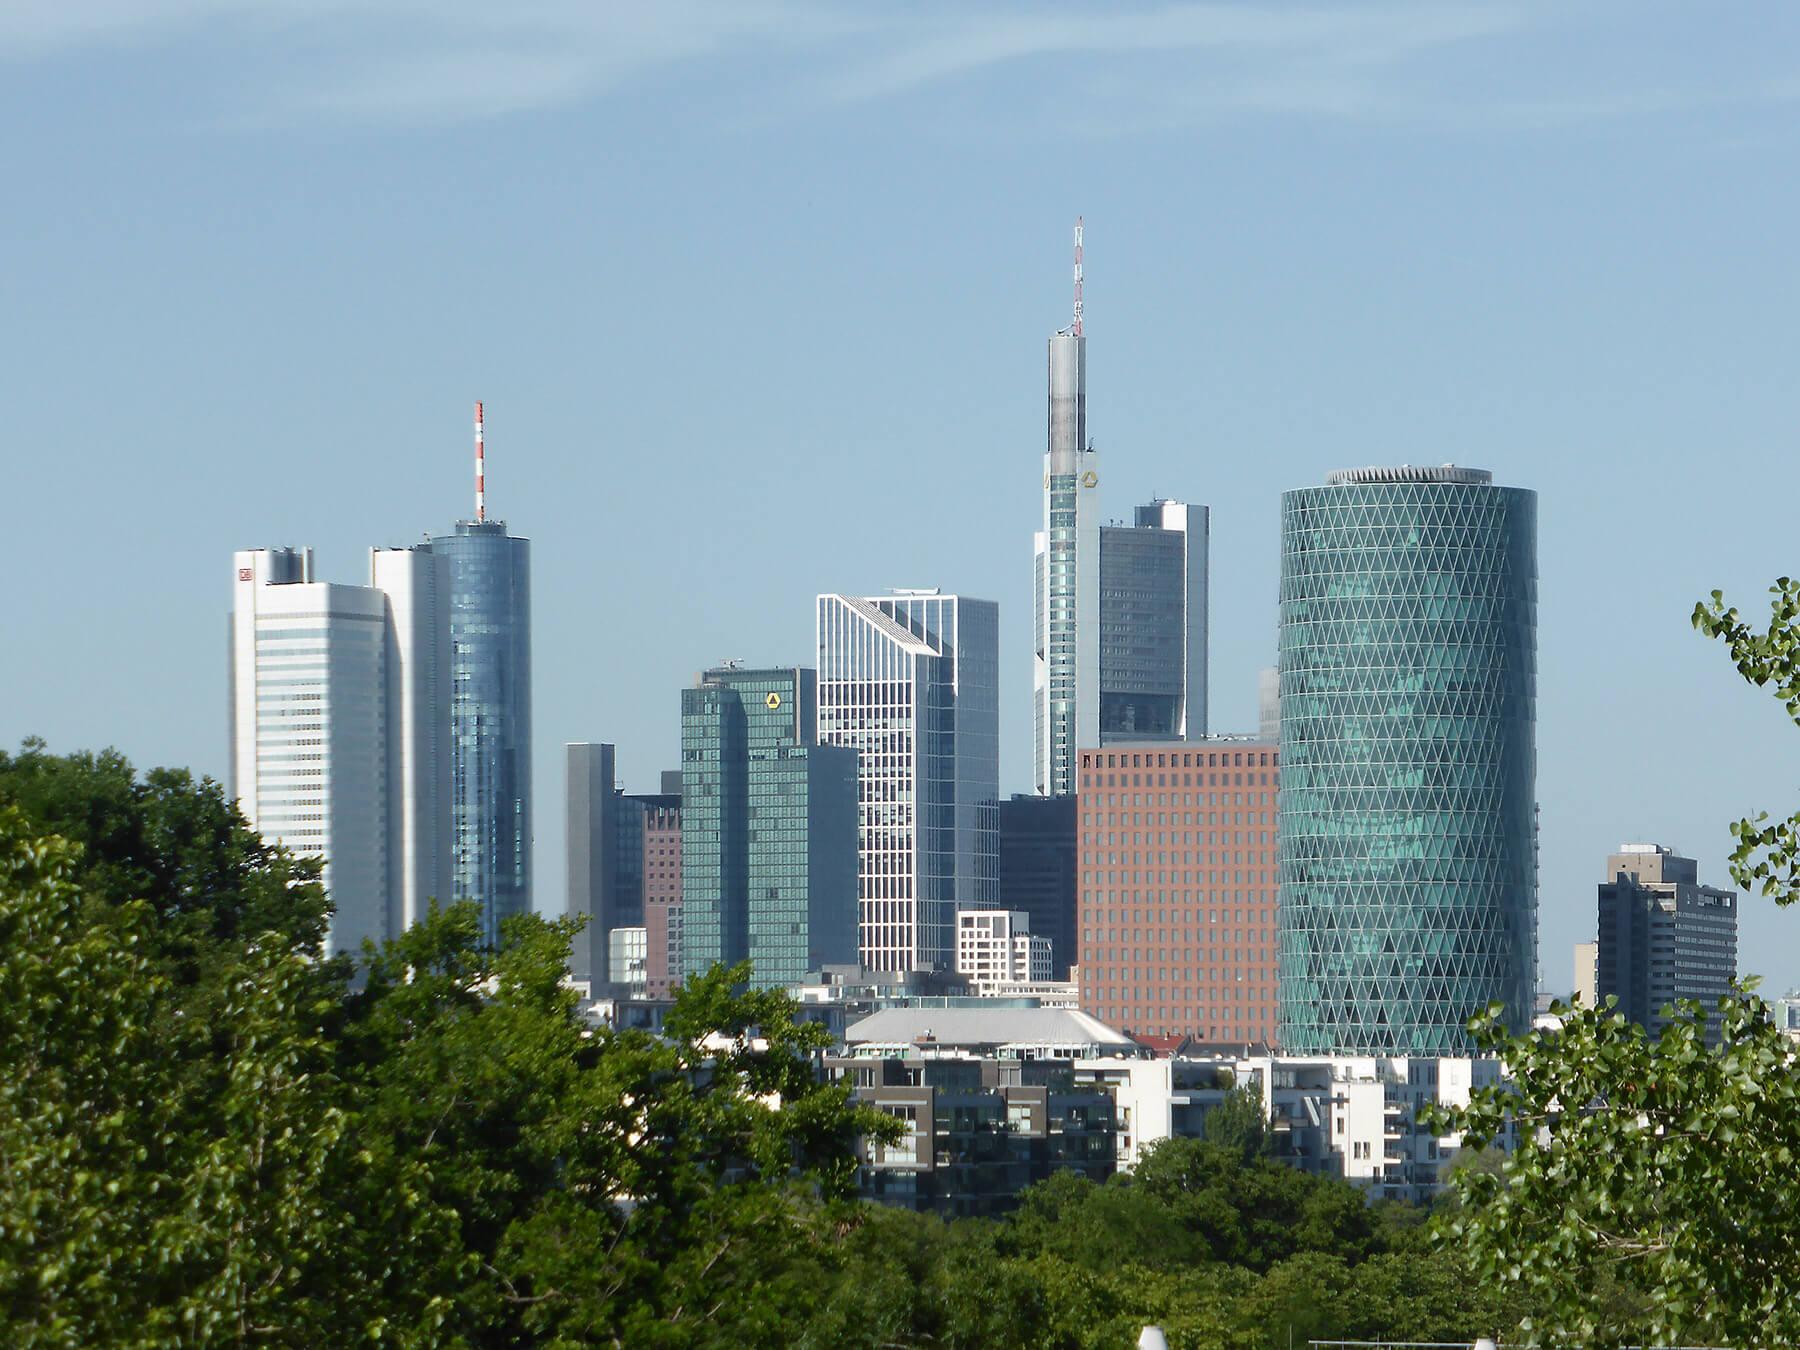 Wolkenkratzer in Frankfurt